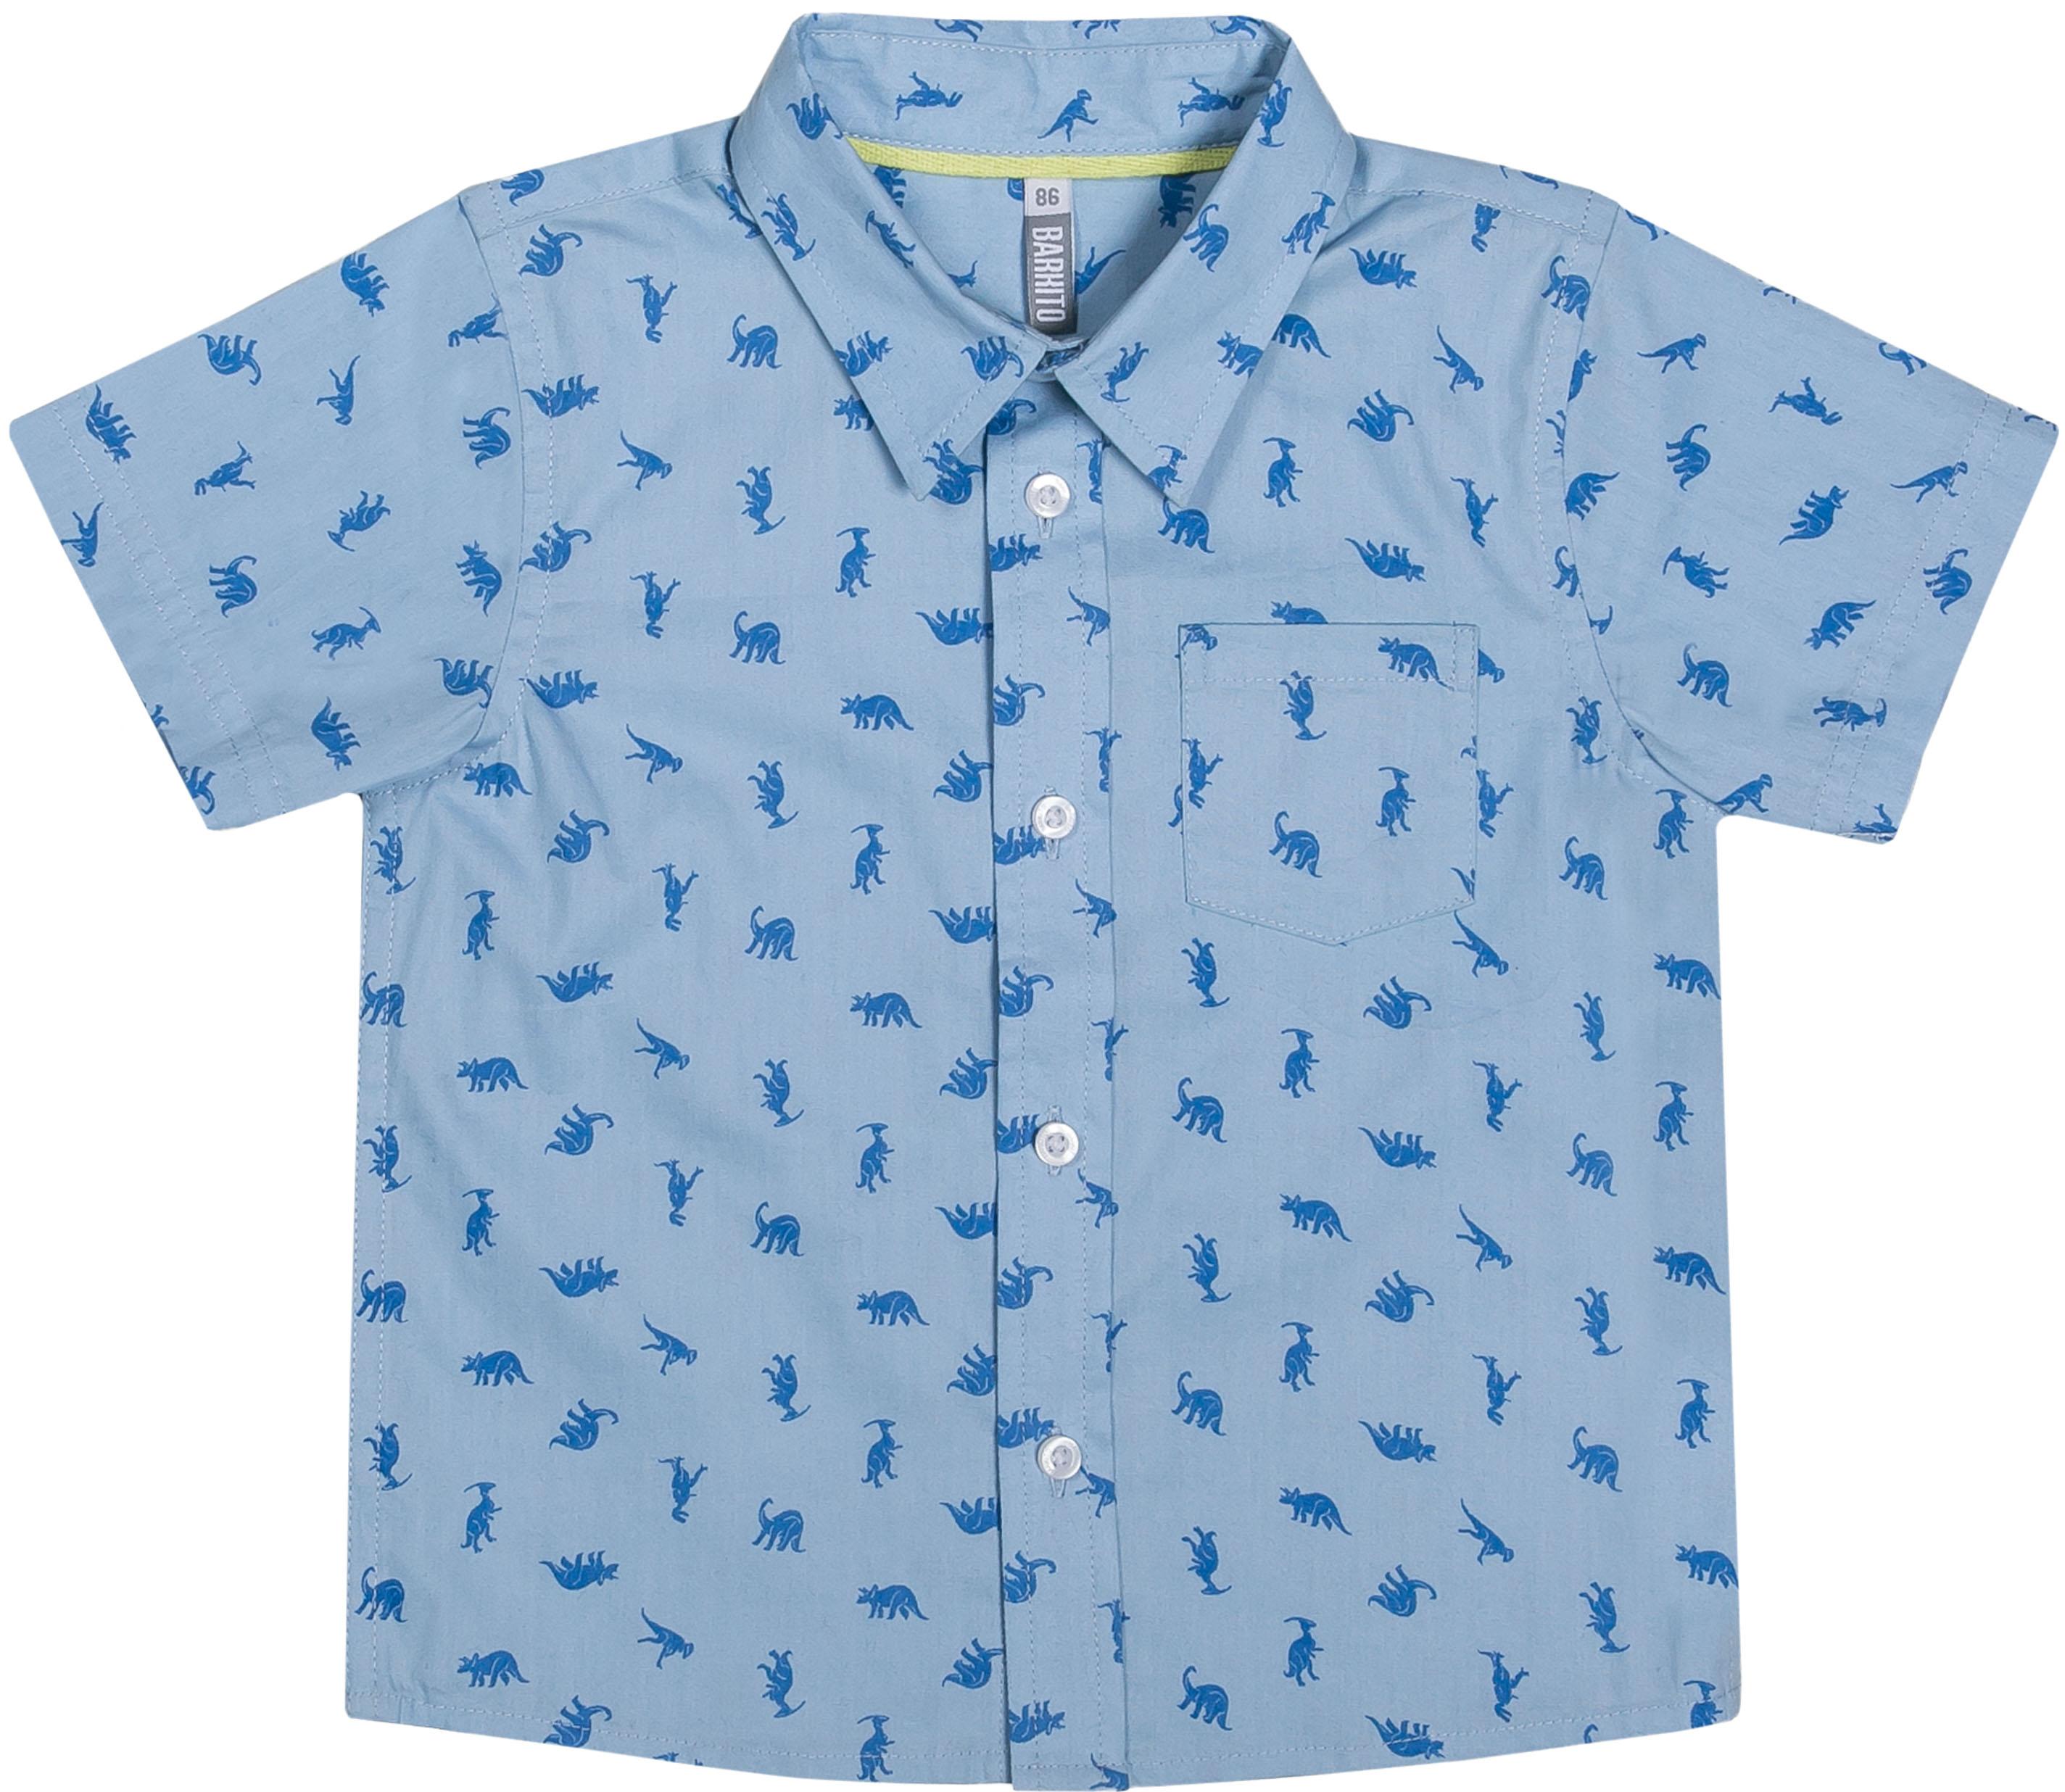 Купить Рубашки, Динозавр-супергерой 2, Barkito, Бангладеш, голубой с рисунком, Мужской